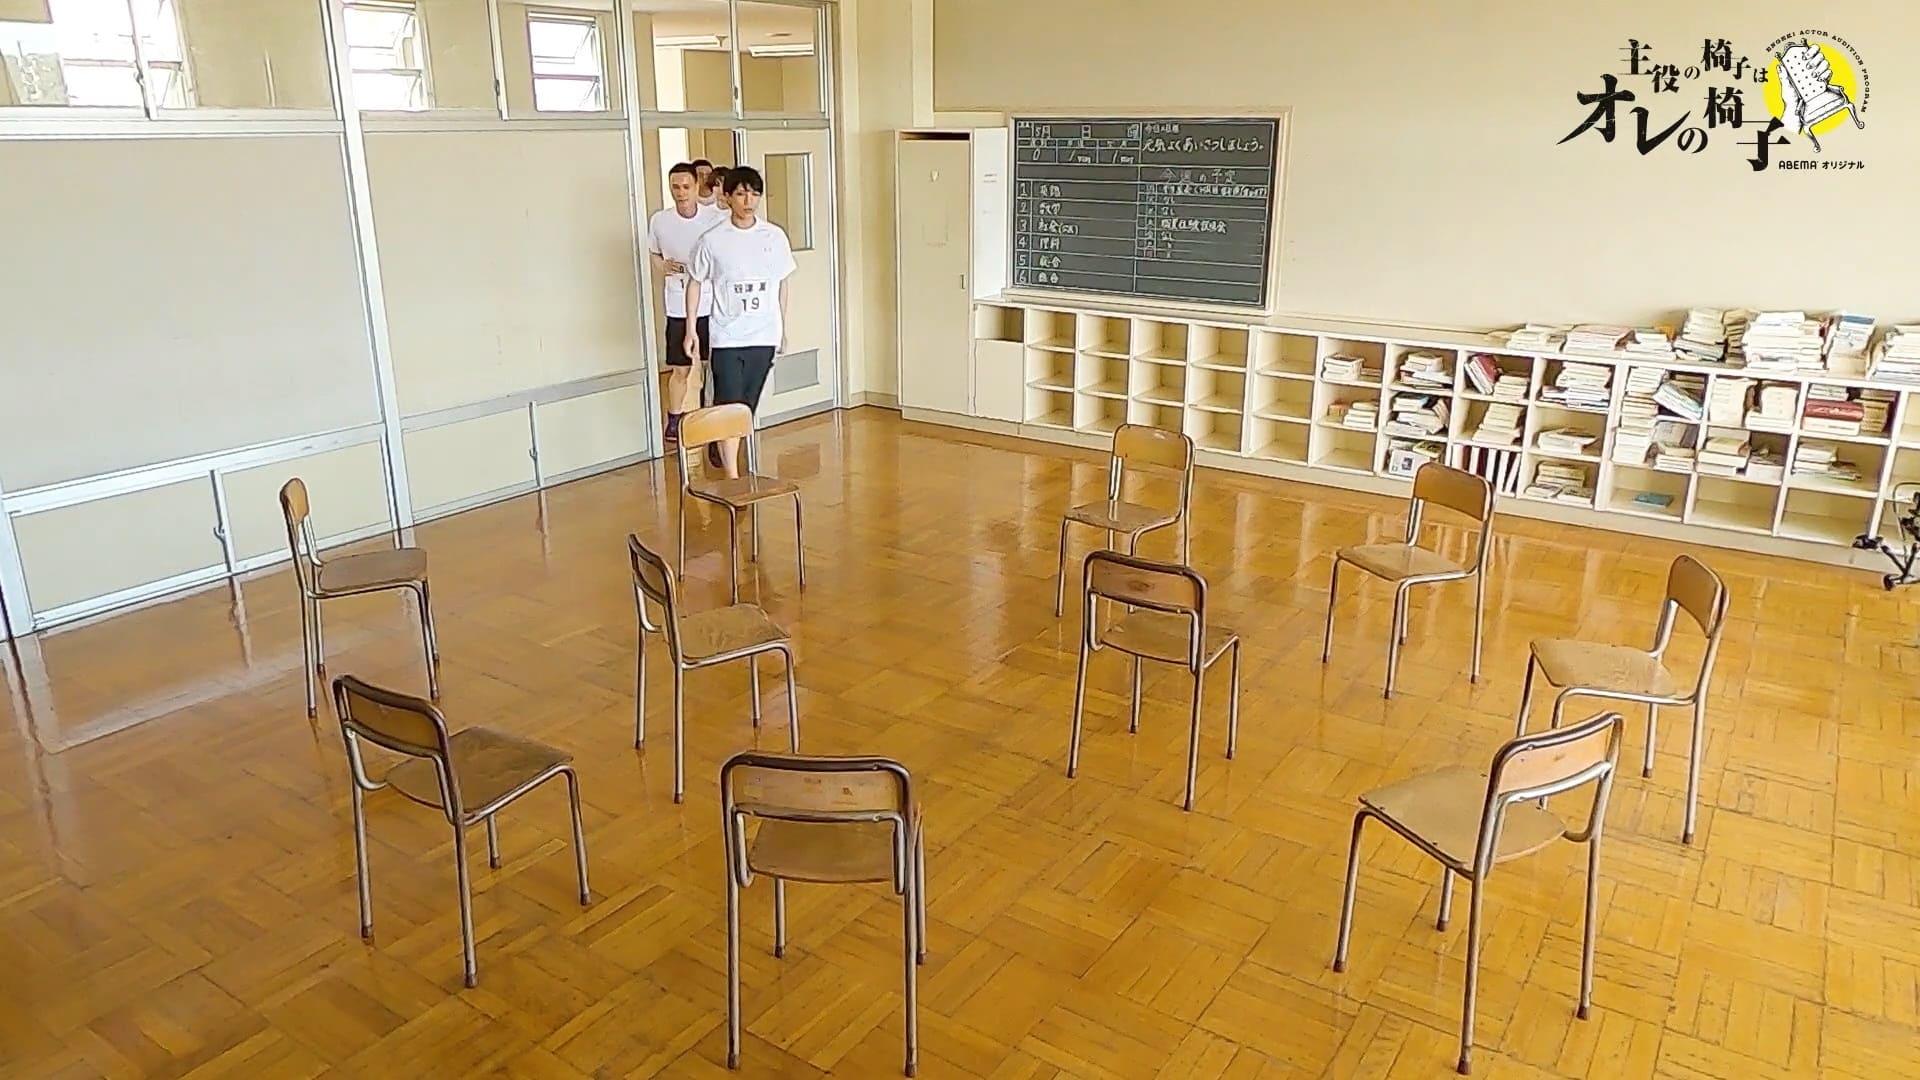 主役の椅子はオレの椅子